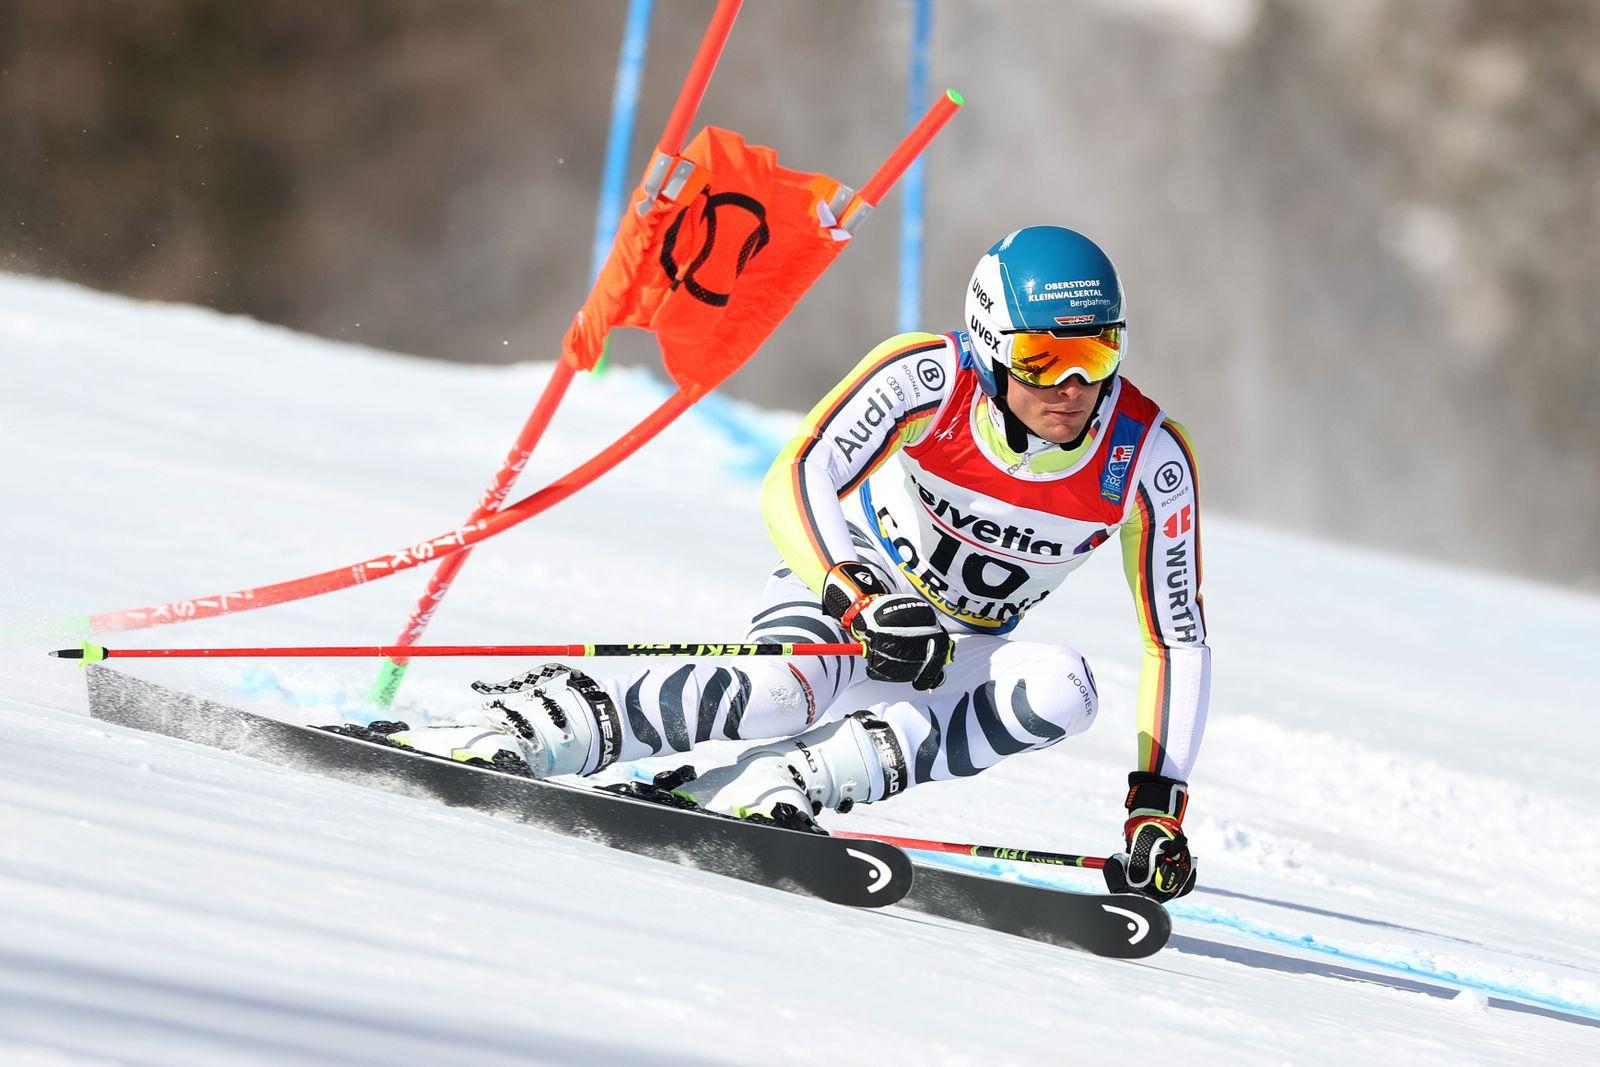 FIS World Ski Championships - Men's Giant Slalom